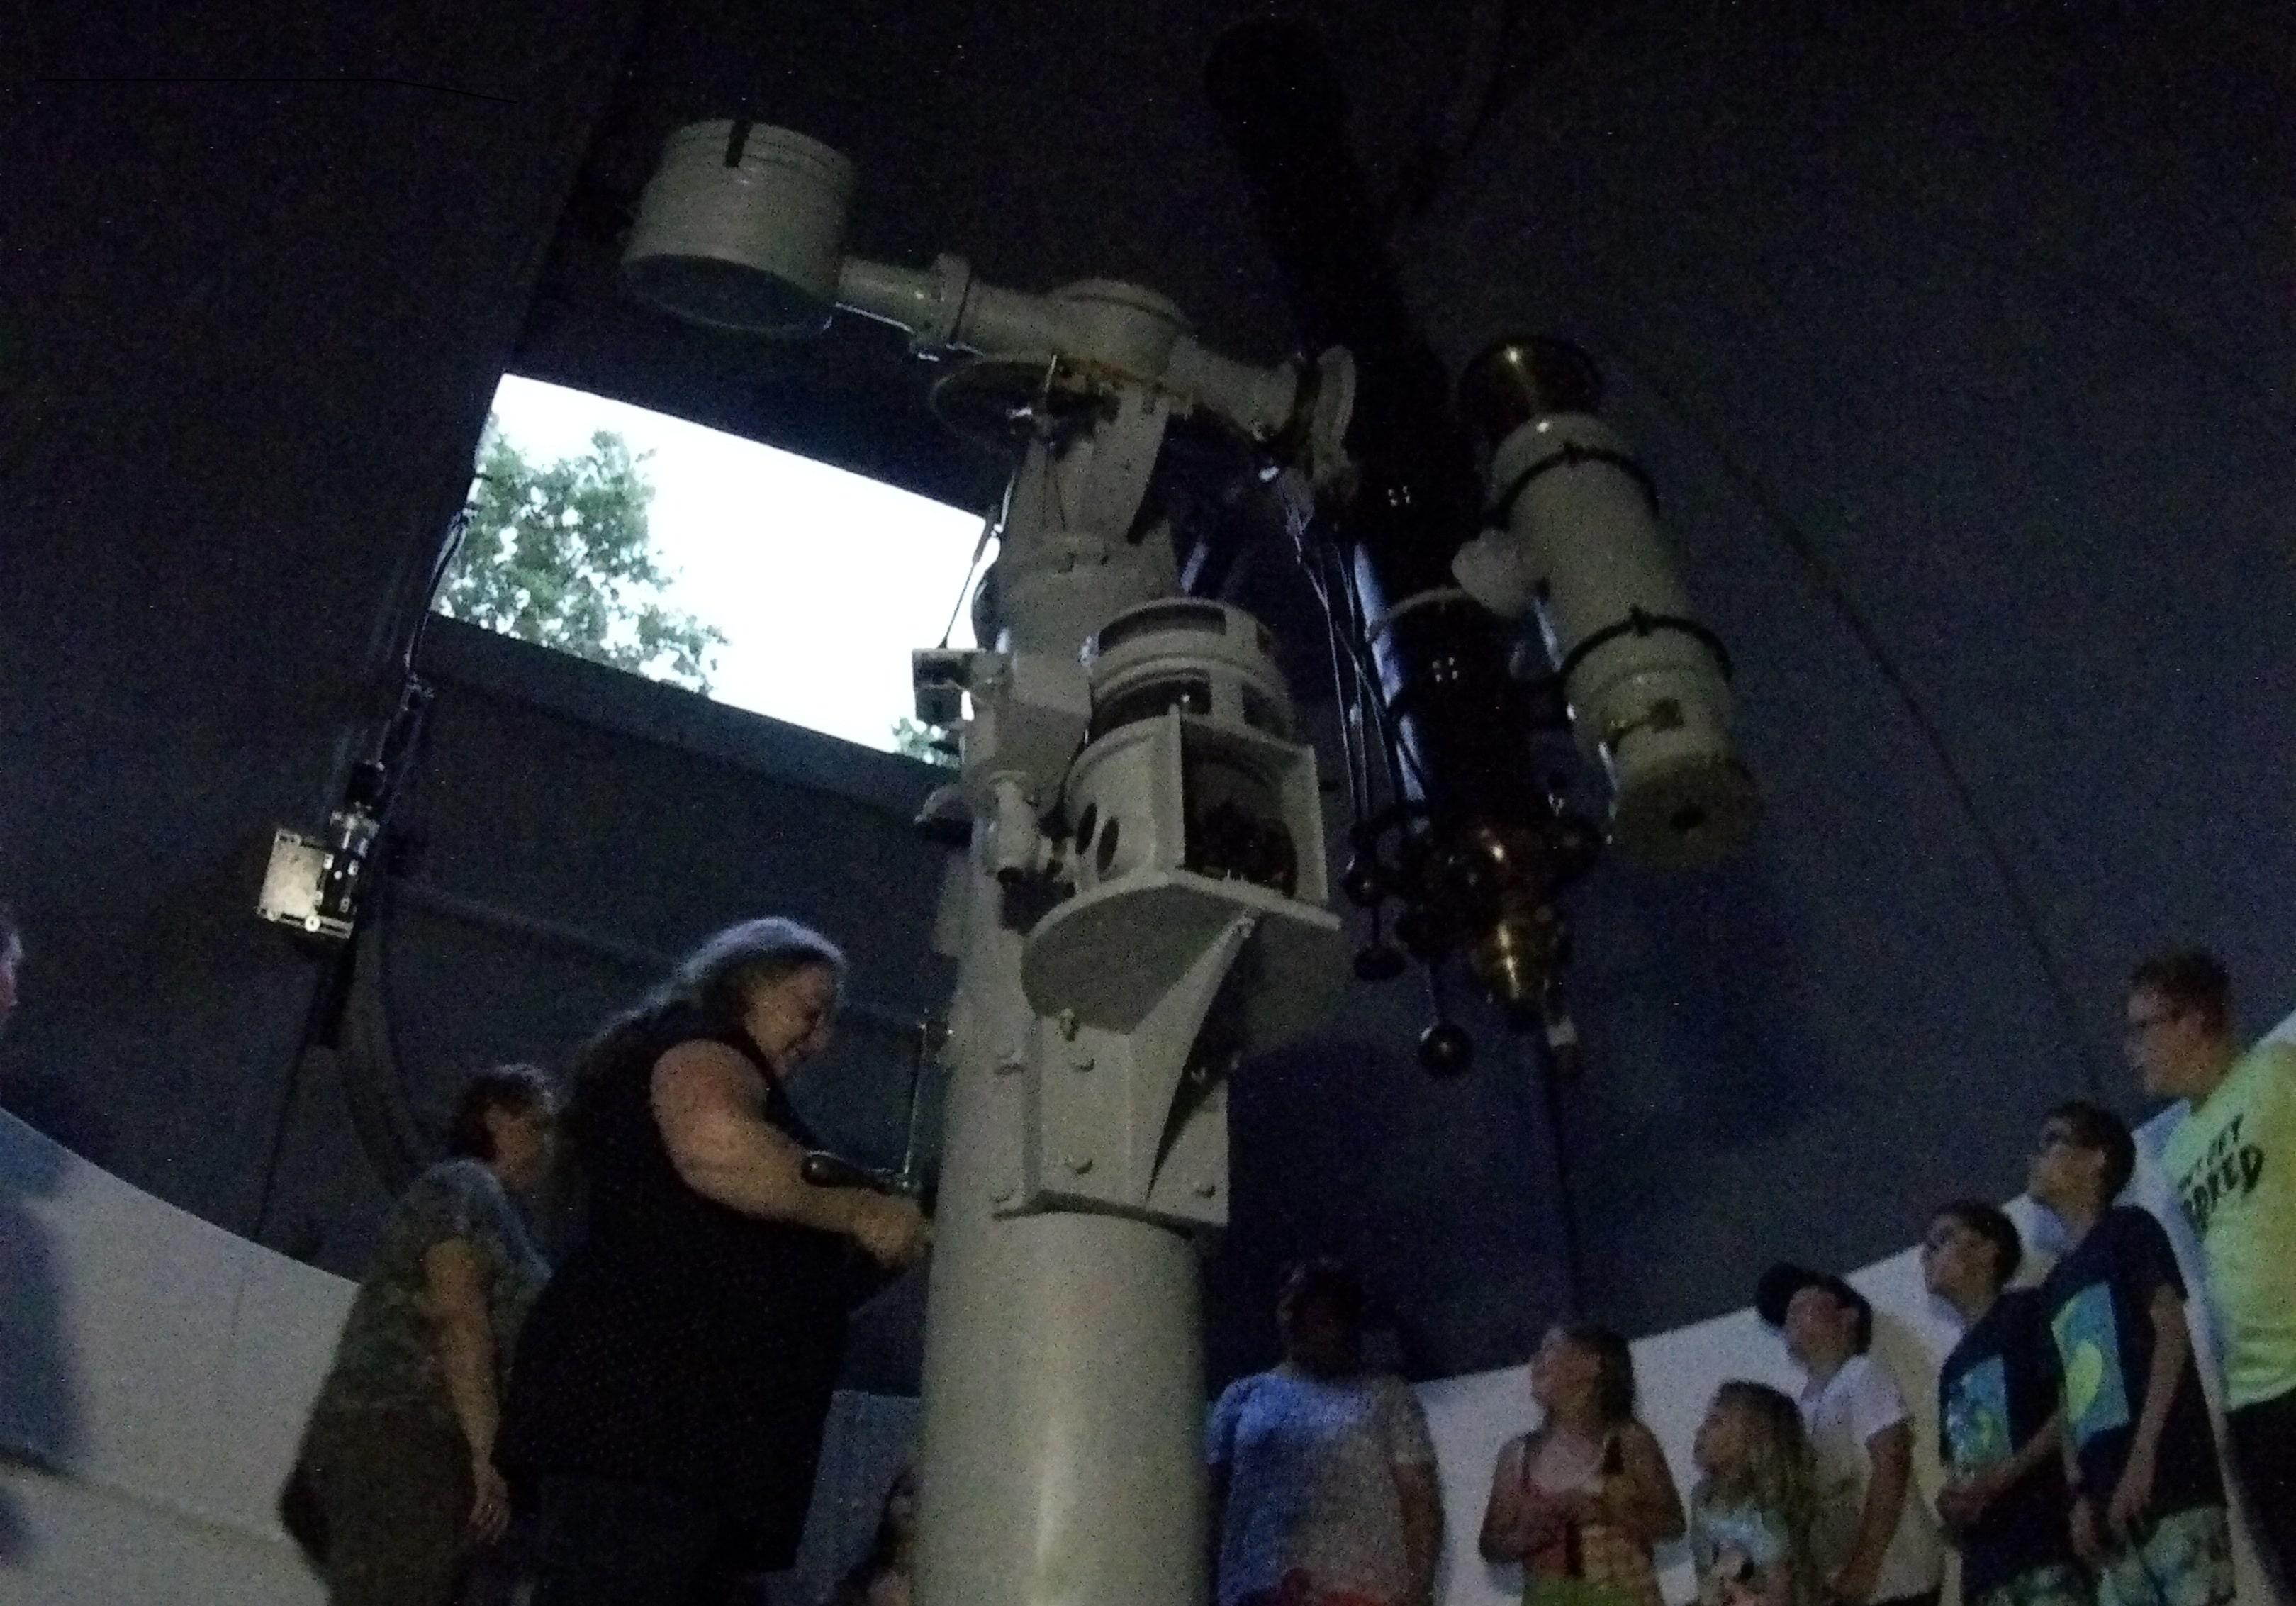 Pani astronom opowiada o teleskopie. Demonstruje działanie kopuły.